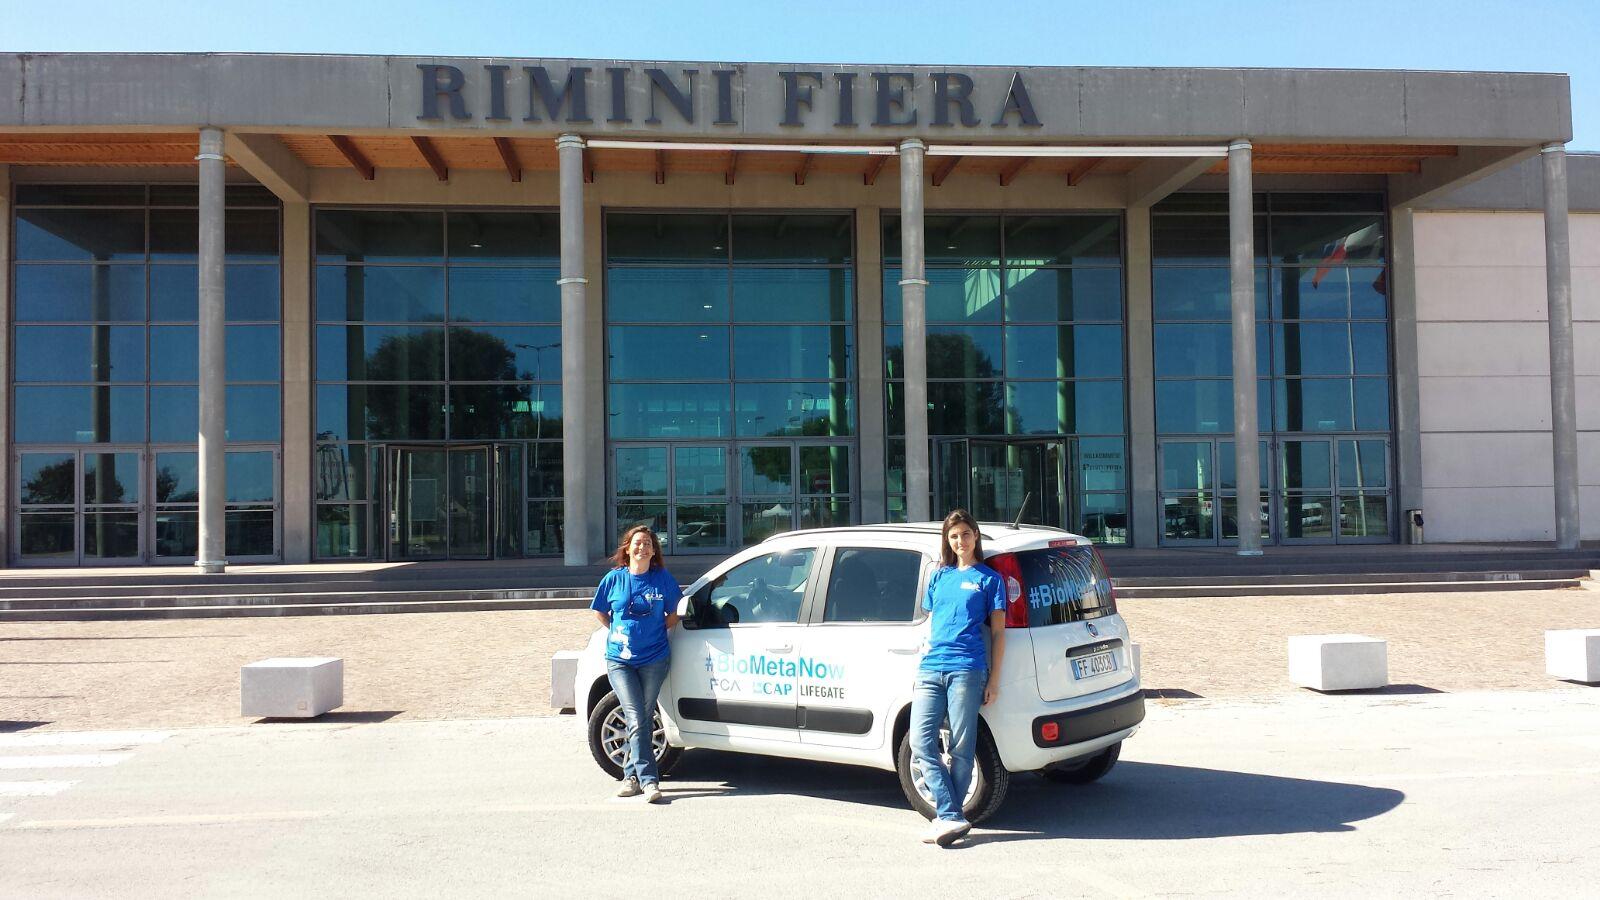 Panda a biometano a Rimini fiera